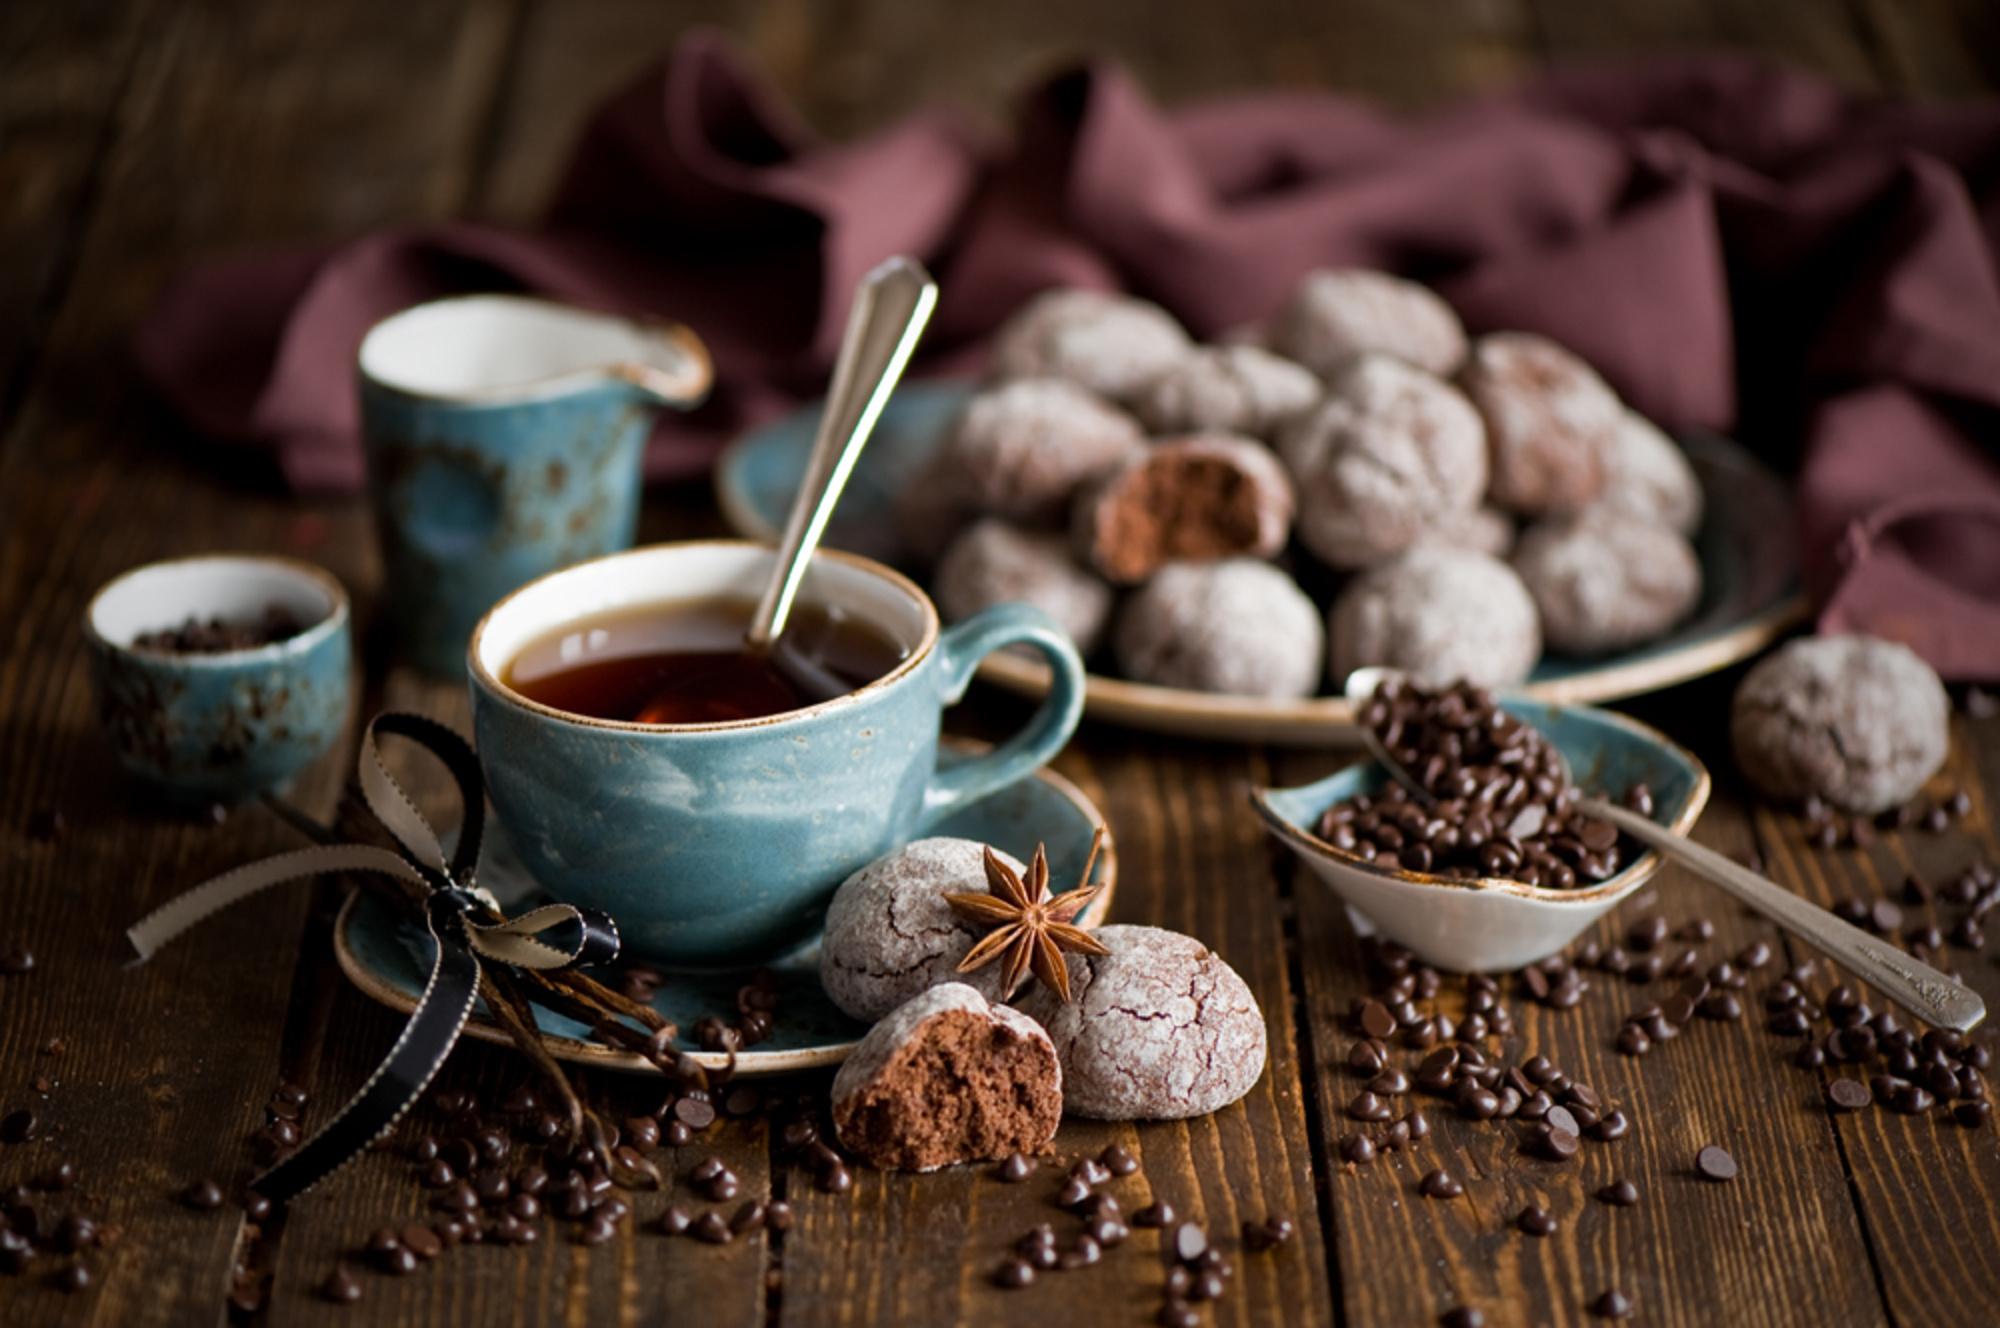 кофе со сладостями  № 140226 без смс